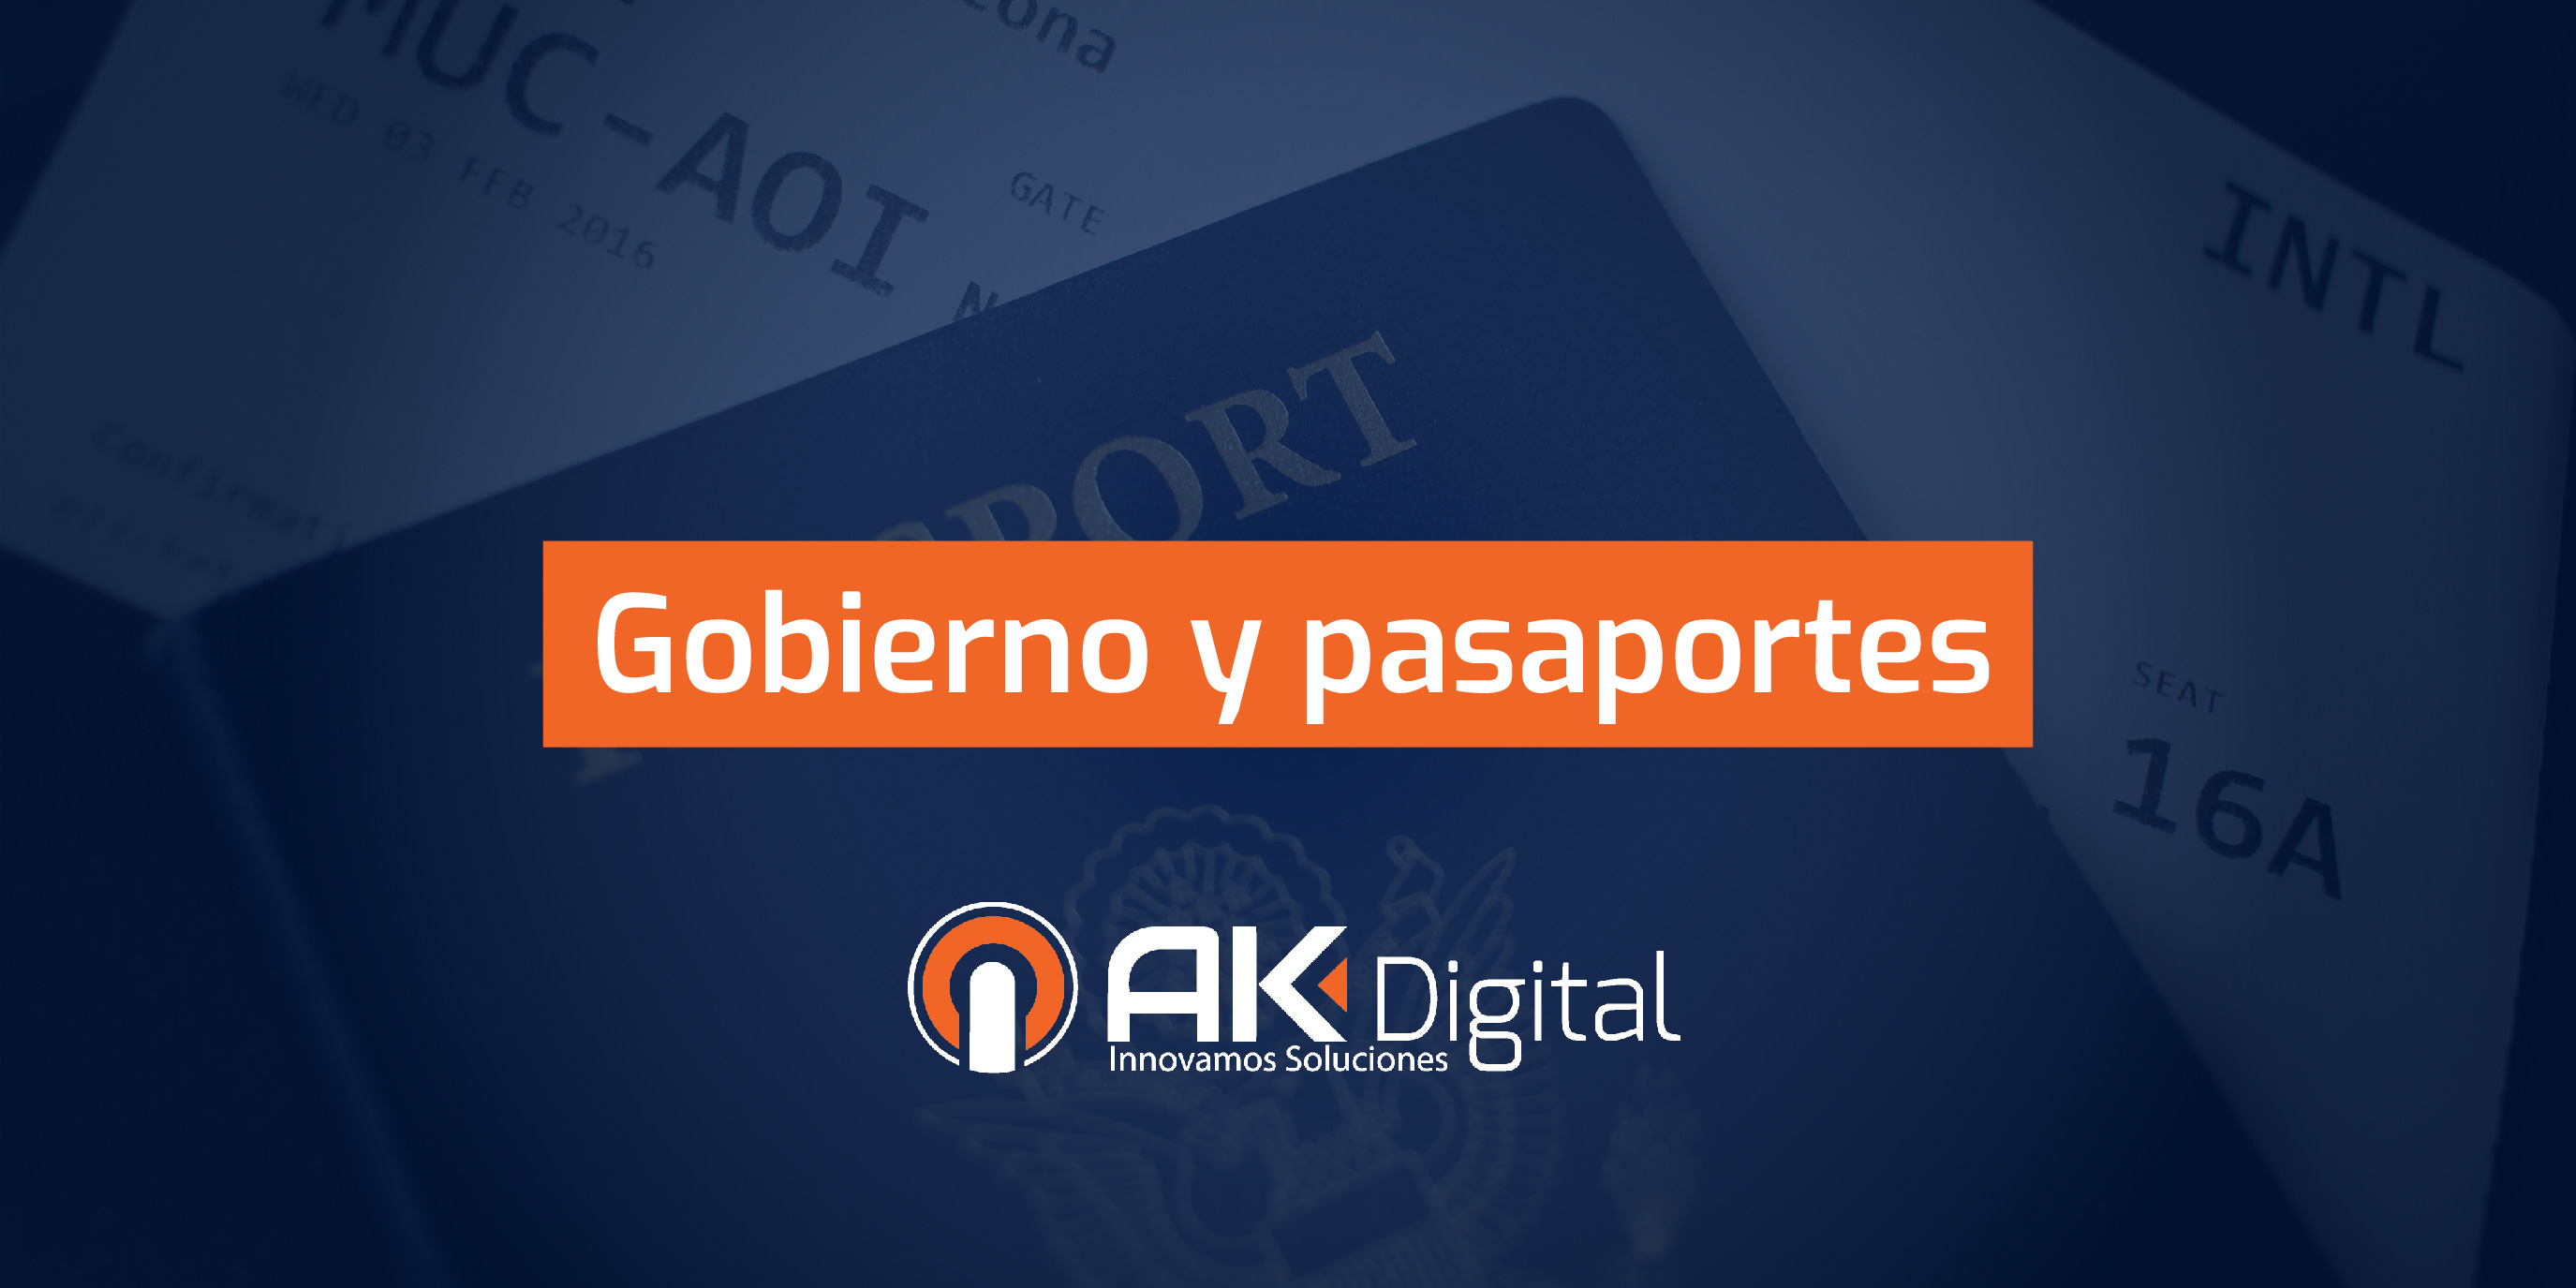 Principales características que demandan los gobiernos en los pasaportes electrónicos